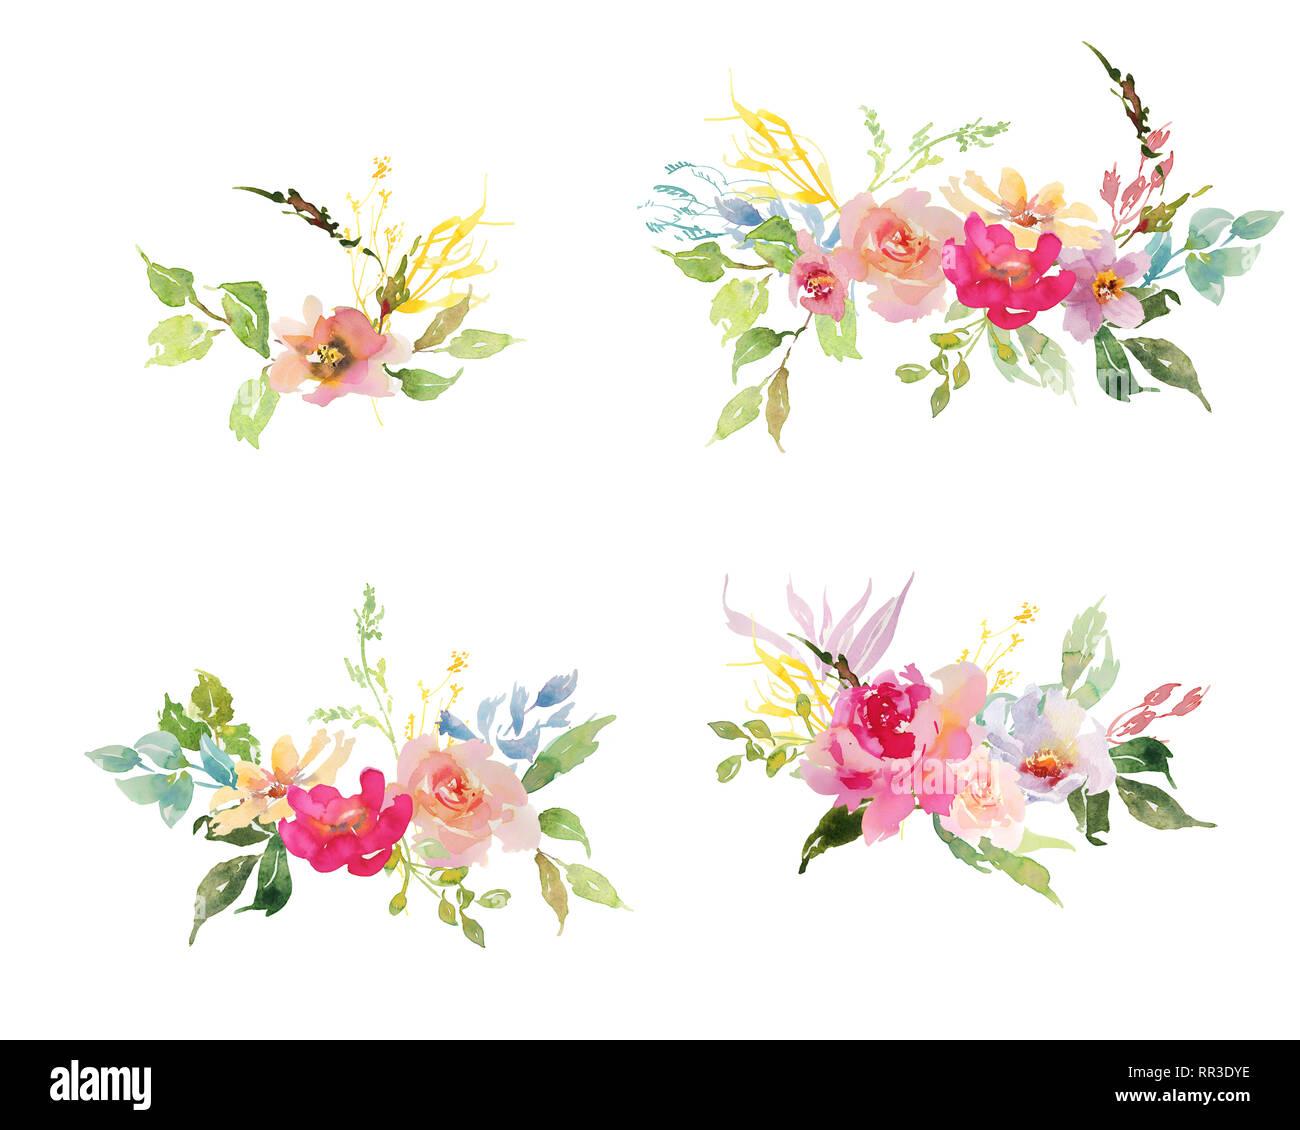 Bouquet De Fleurs Dessin Aquarelle - Get Images One